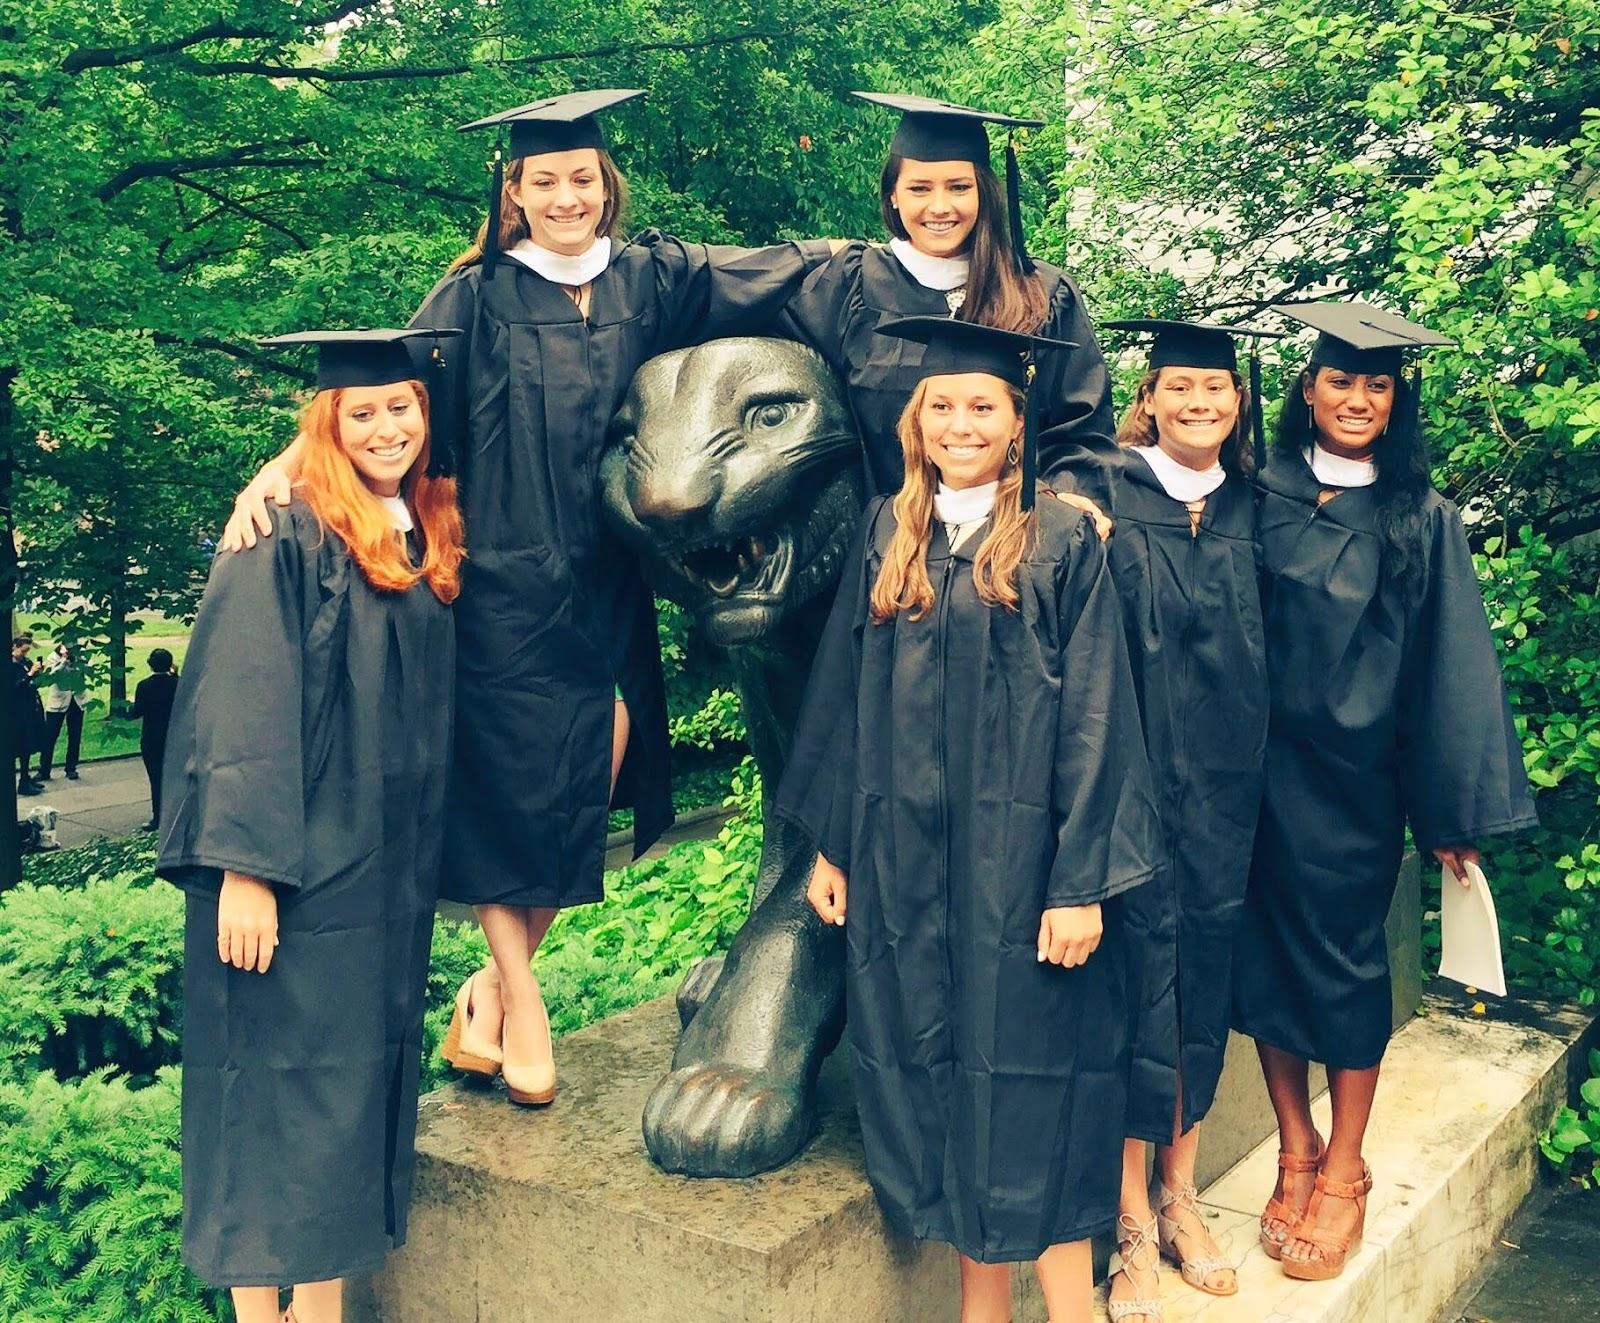 TigerBlog: The Graduates